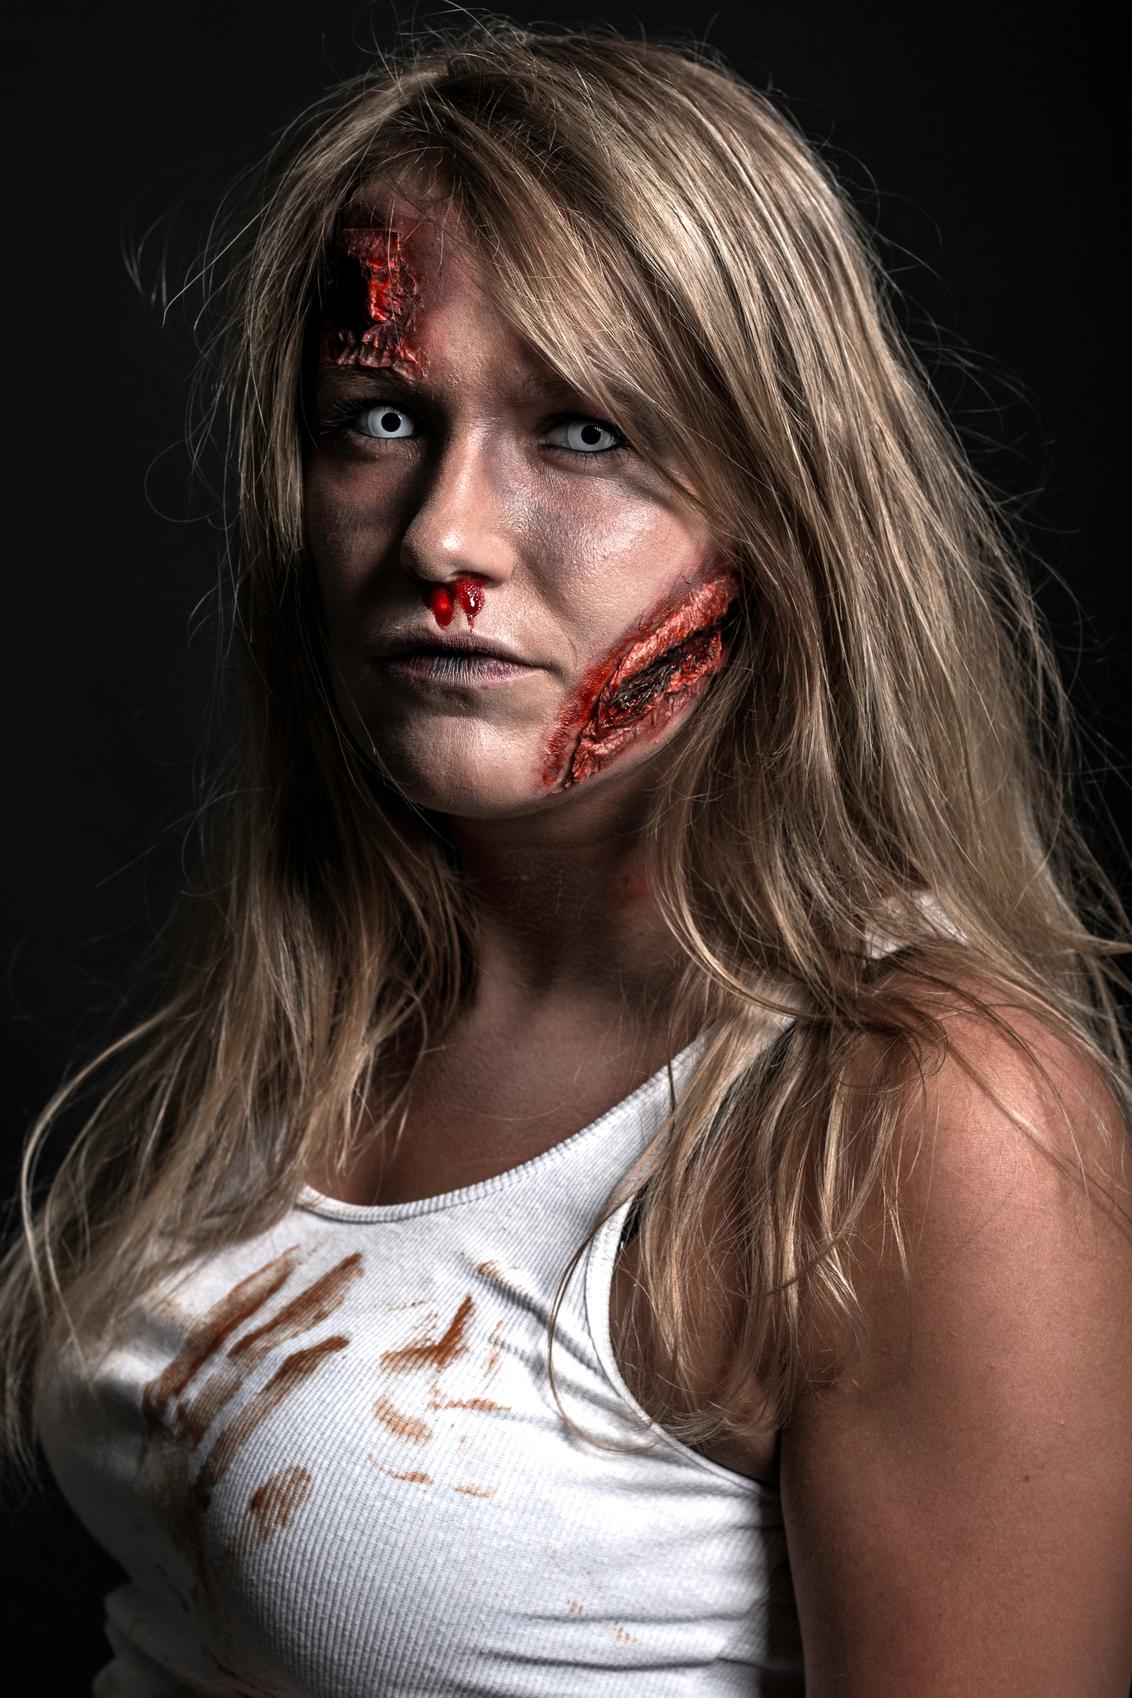 Kimberley - - - foto door s.viset op 27-06-2017 - deze foto bevat: vrouw, mensen, schaduw, flits, ogen, studio, blond, photoshop, eng, zombie, halloween, fotoshoot, flitser